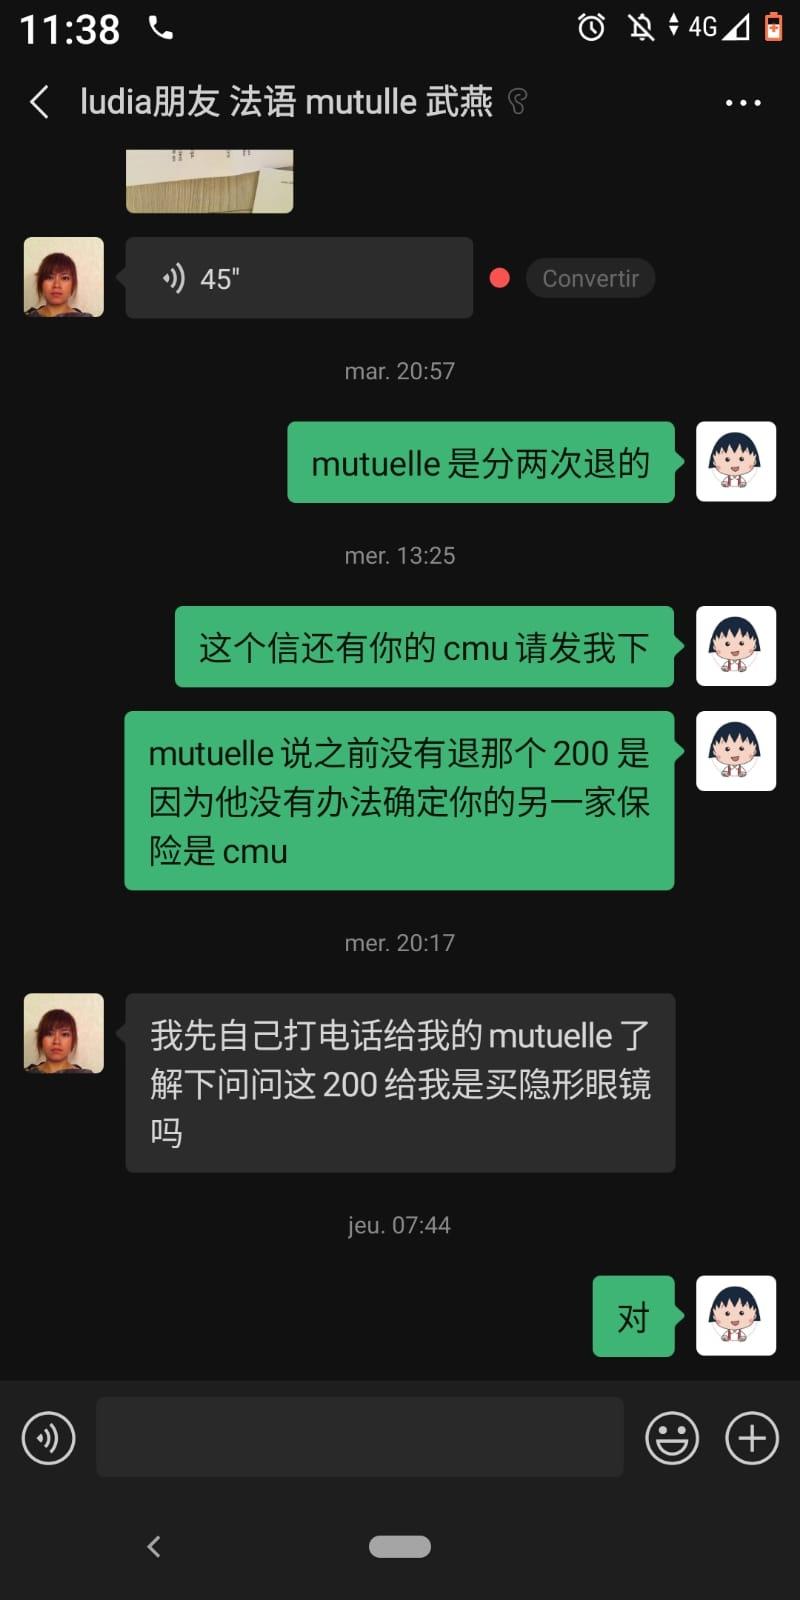 WhatsApp Image 2021-05-08 at 11.51.19 (2).jpeg